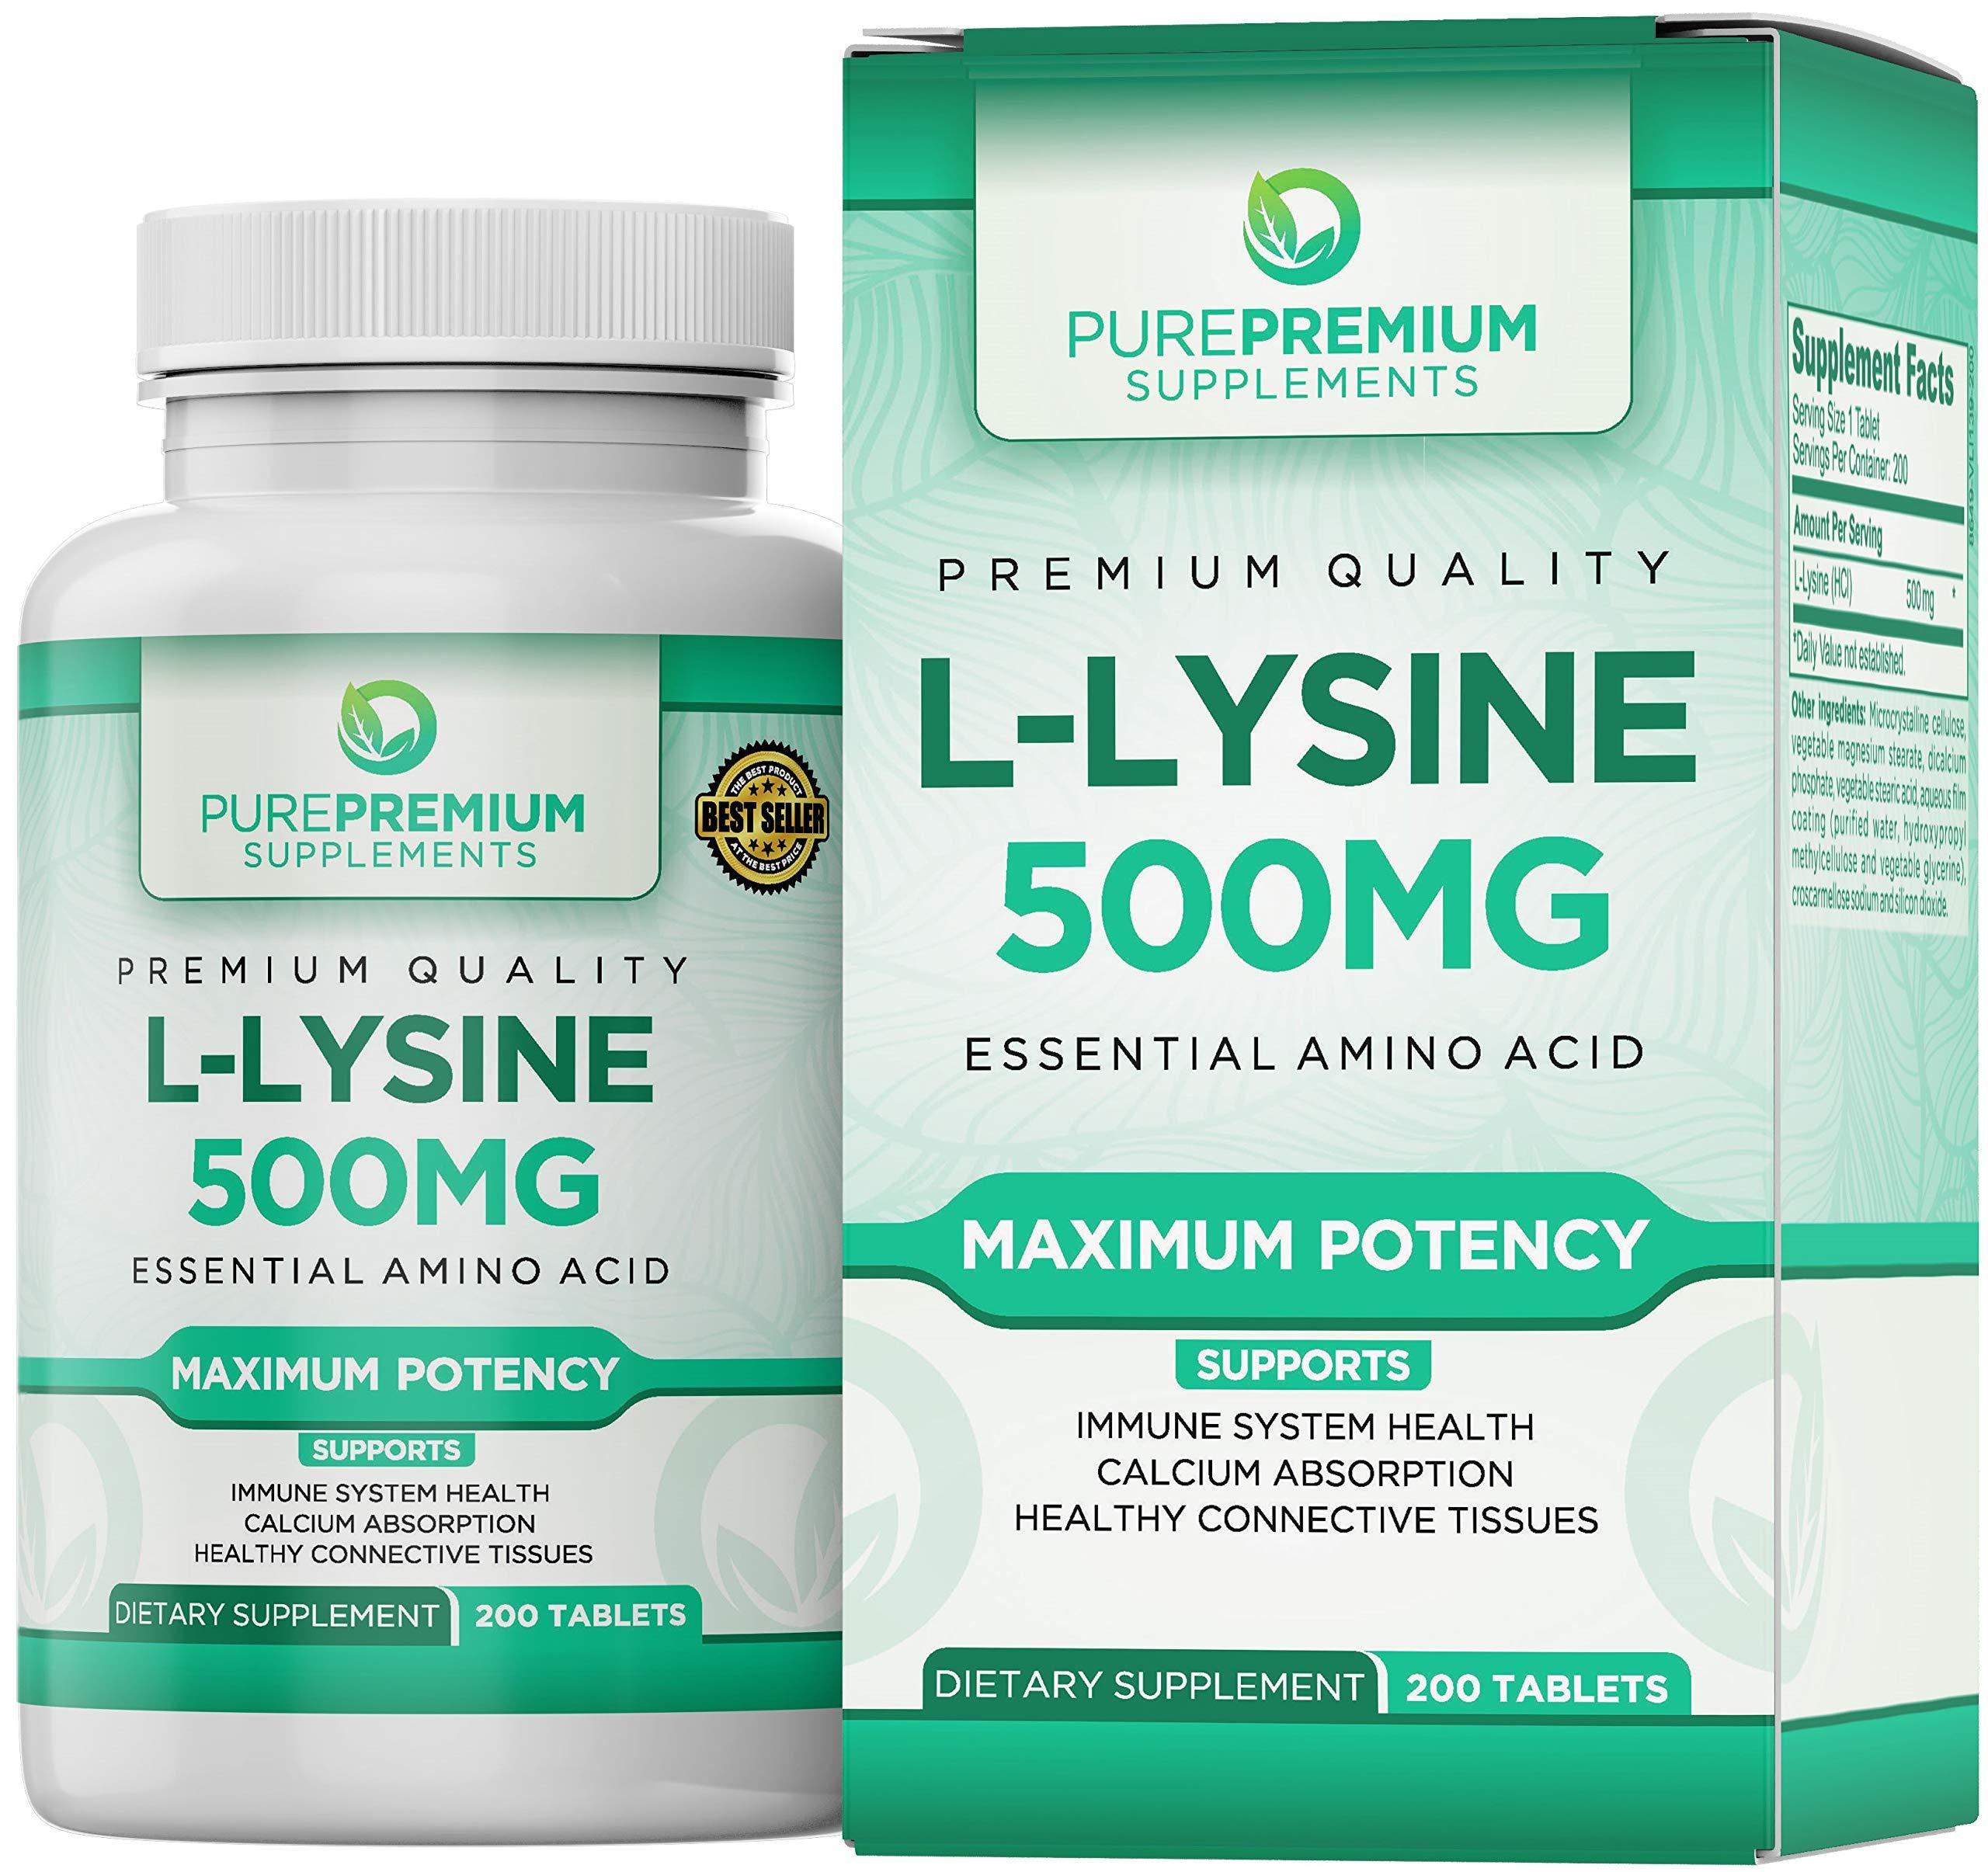 Premium L-Lysine by PurePremium (Maximum Strength) Essential Amino Acid - Support Immune System Health - 200 Tabs by PurePremium Supplements